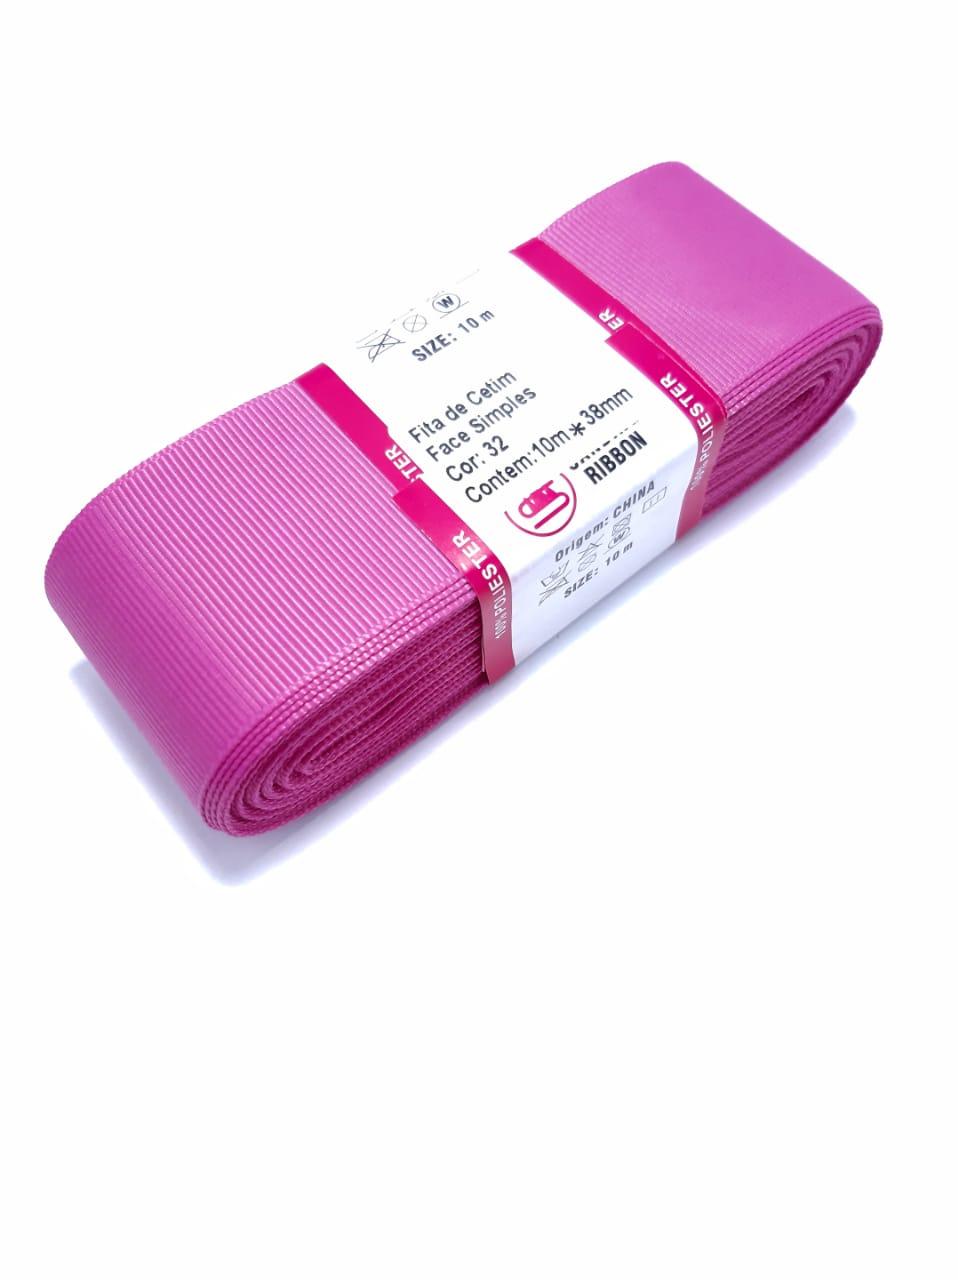 FITA SANDING - Cor: 032 Rose Pink